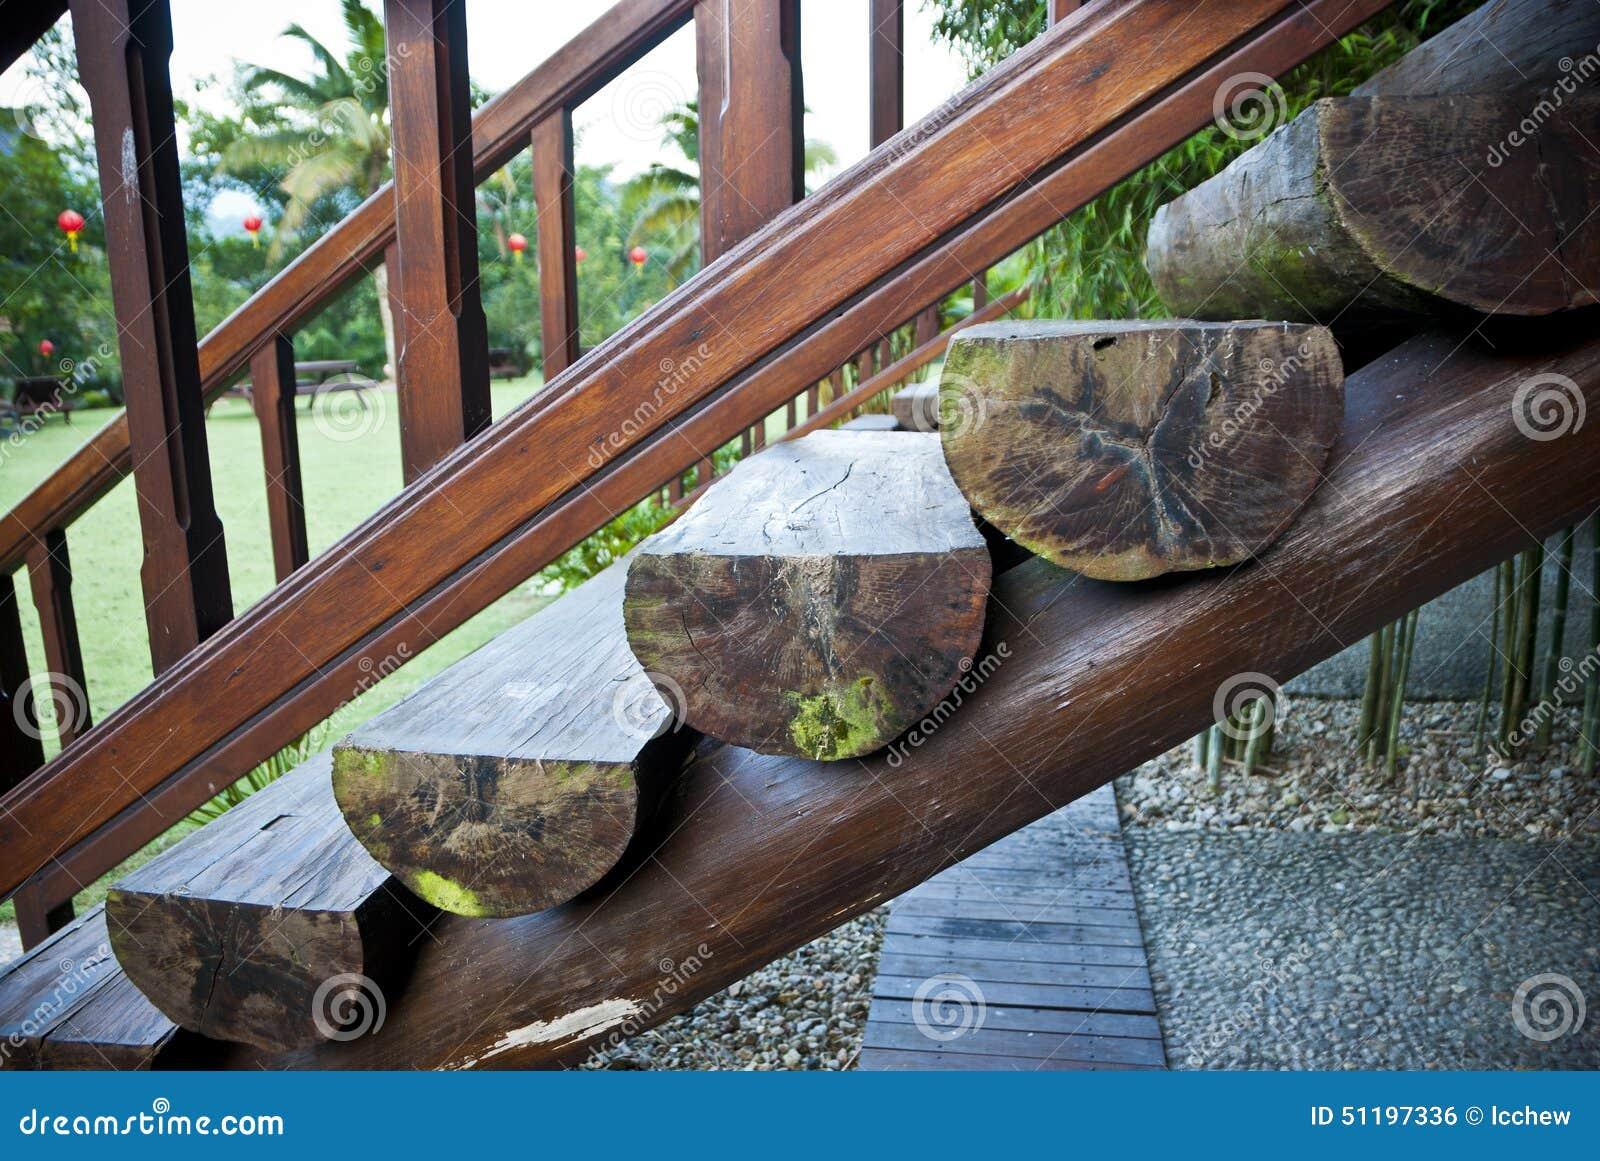 Escaliers en bois de rondins photo stock image 51197336 for Achat escalier bois